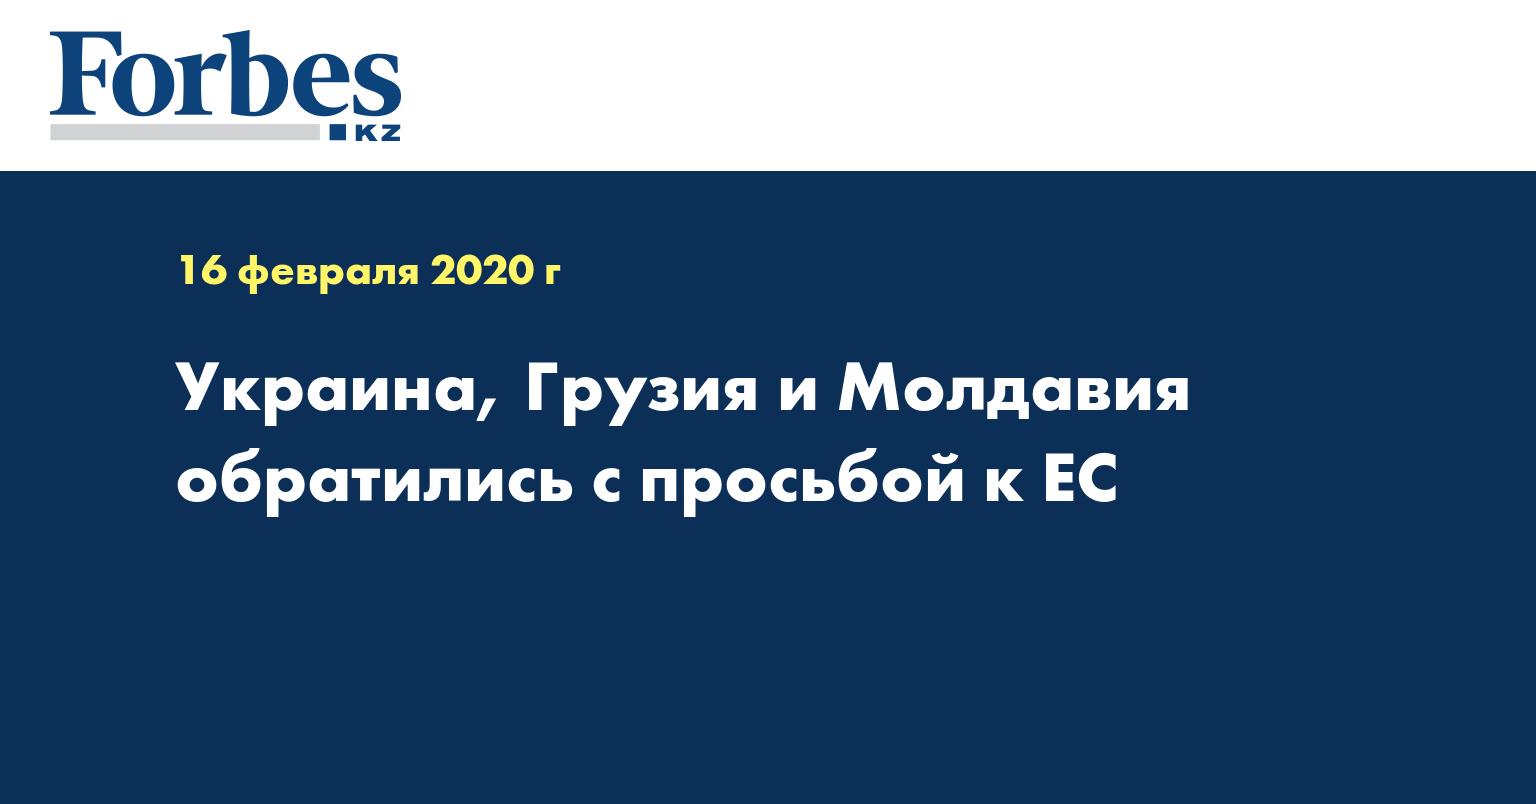 Украина, Грузия и Молдавия обратились с просьбой к ЕС